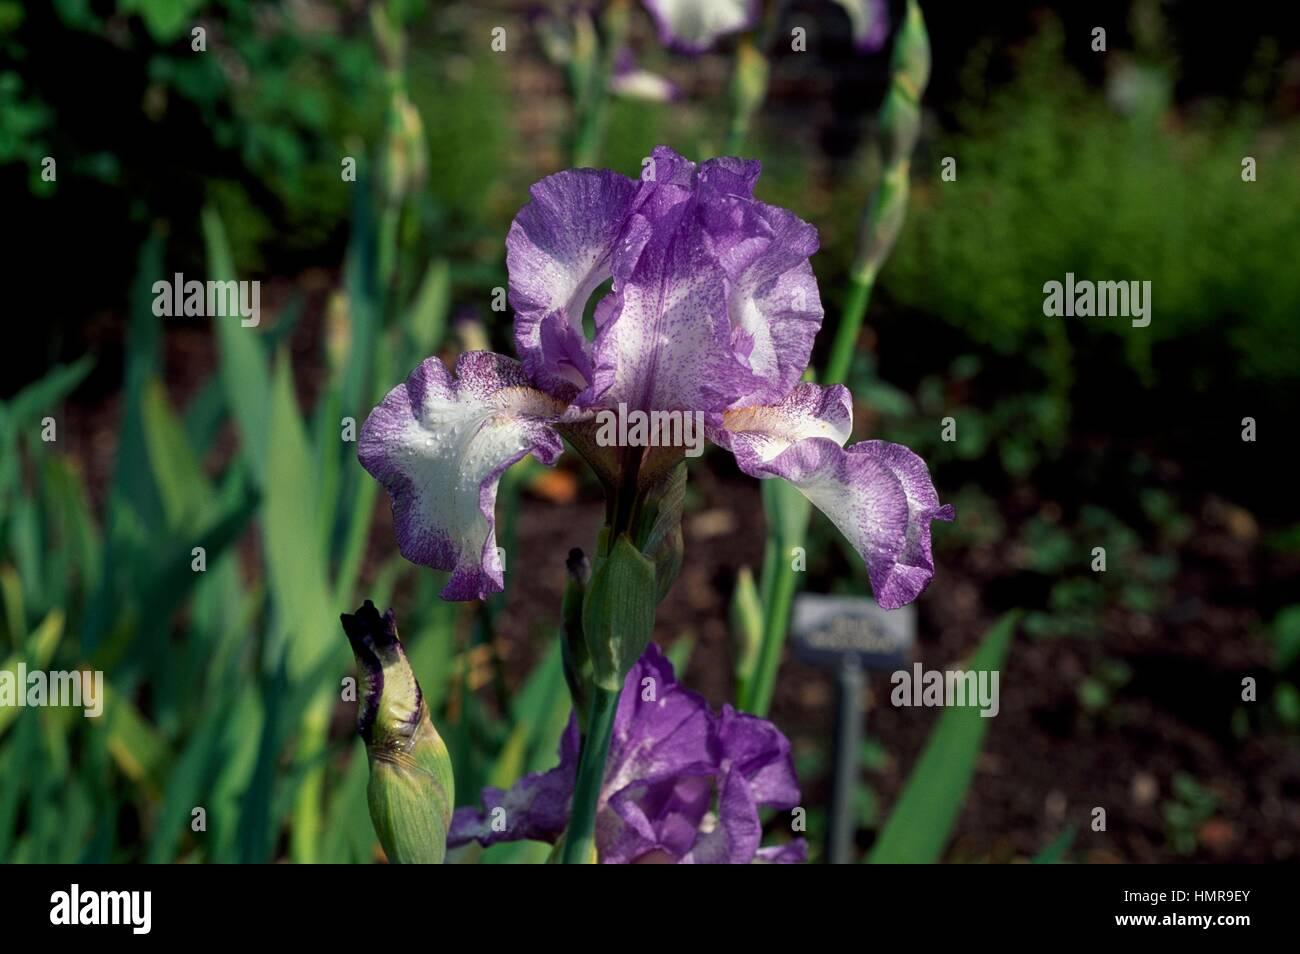 (Iris barbudo bailarín del Velo), Iridaceae, Sissinghurst Castle, Reino Unido. Foto de stock